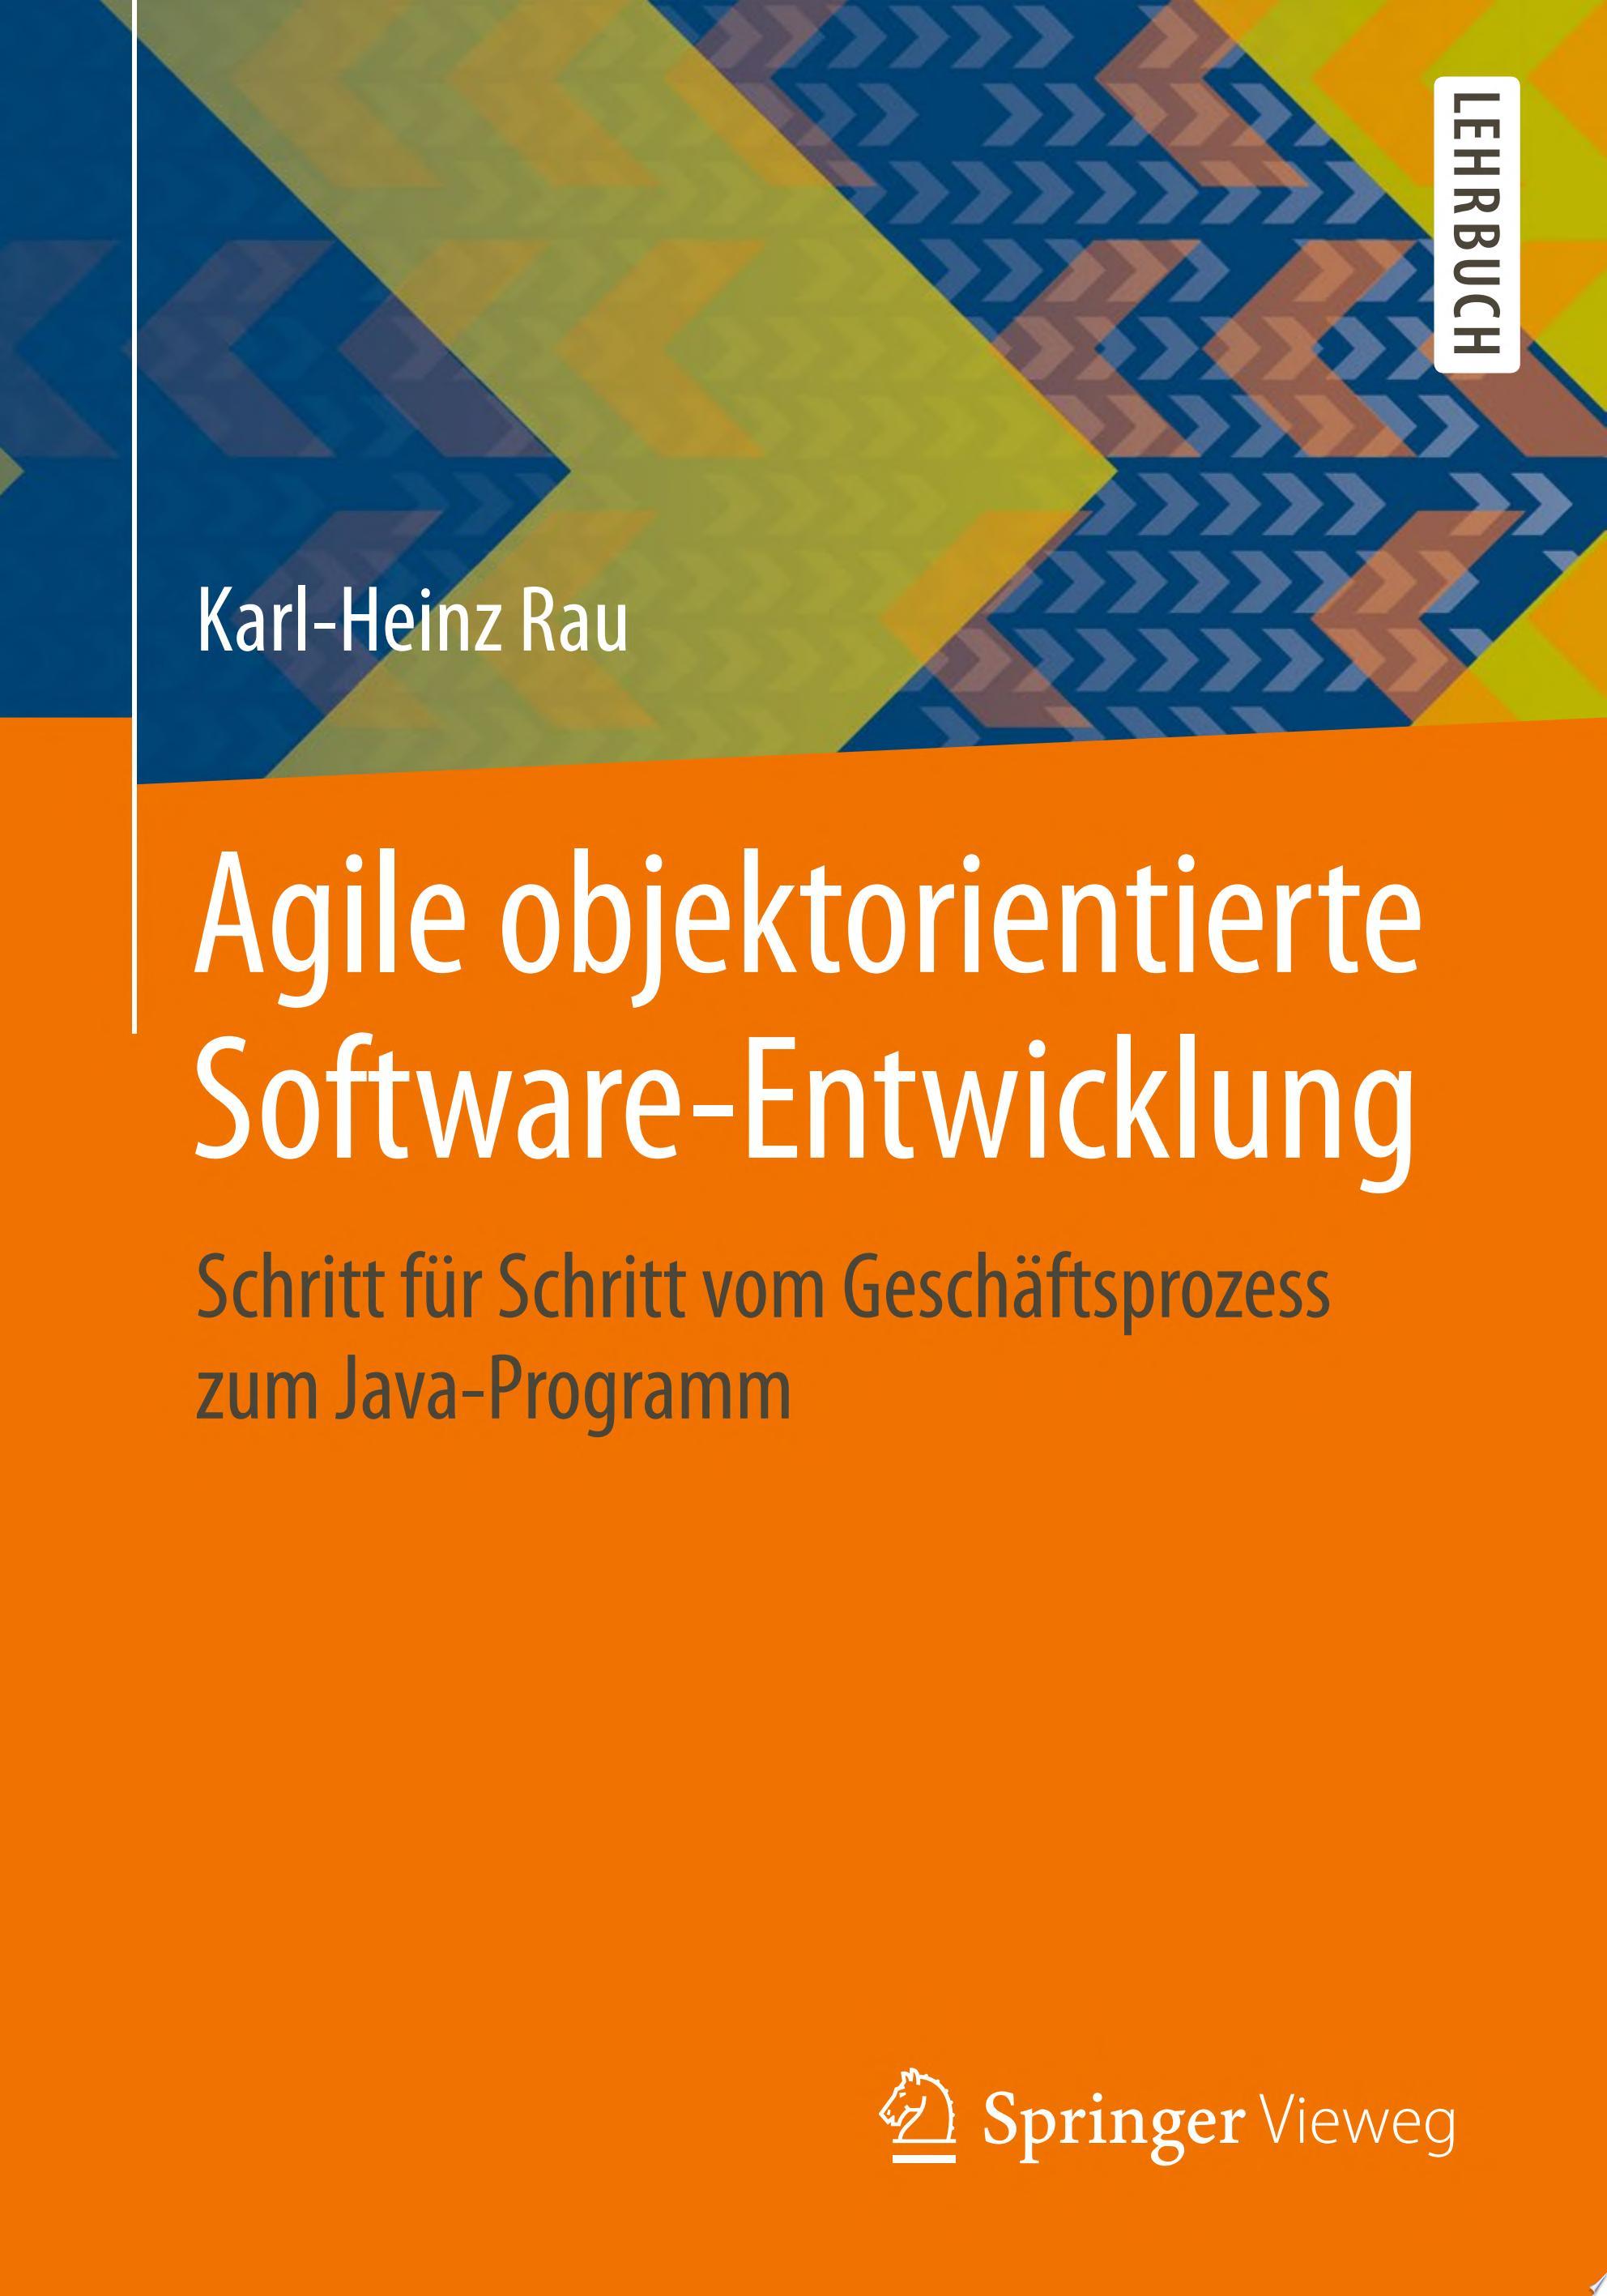 Agile objektorientierte Software Entwicklung